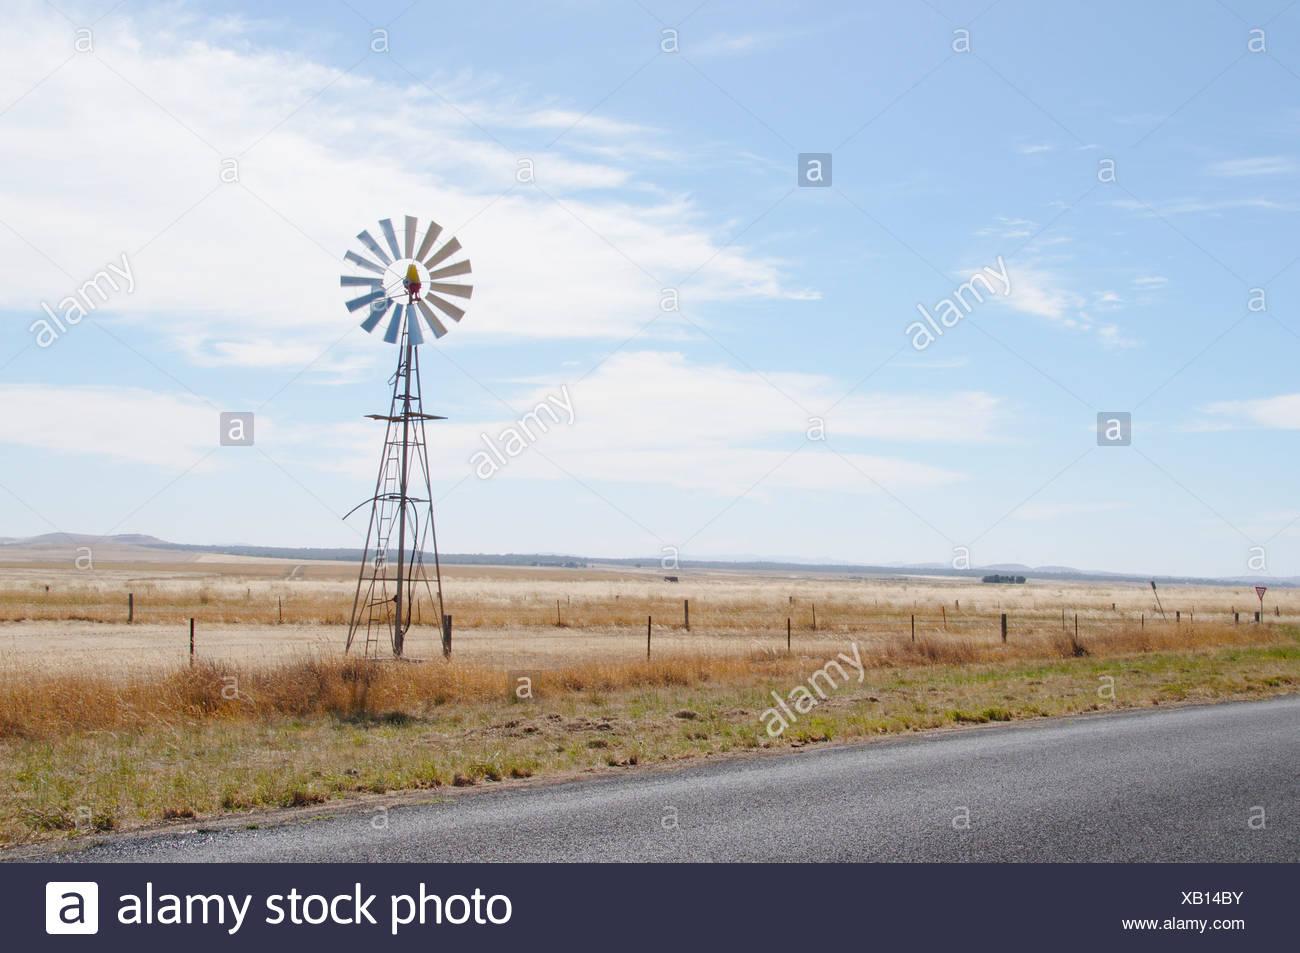 Australia, Central Victoria, Glengower, Wind turbine - Stock Image